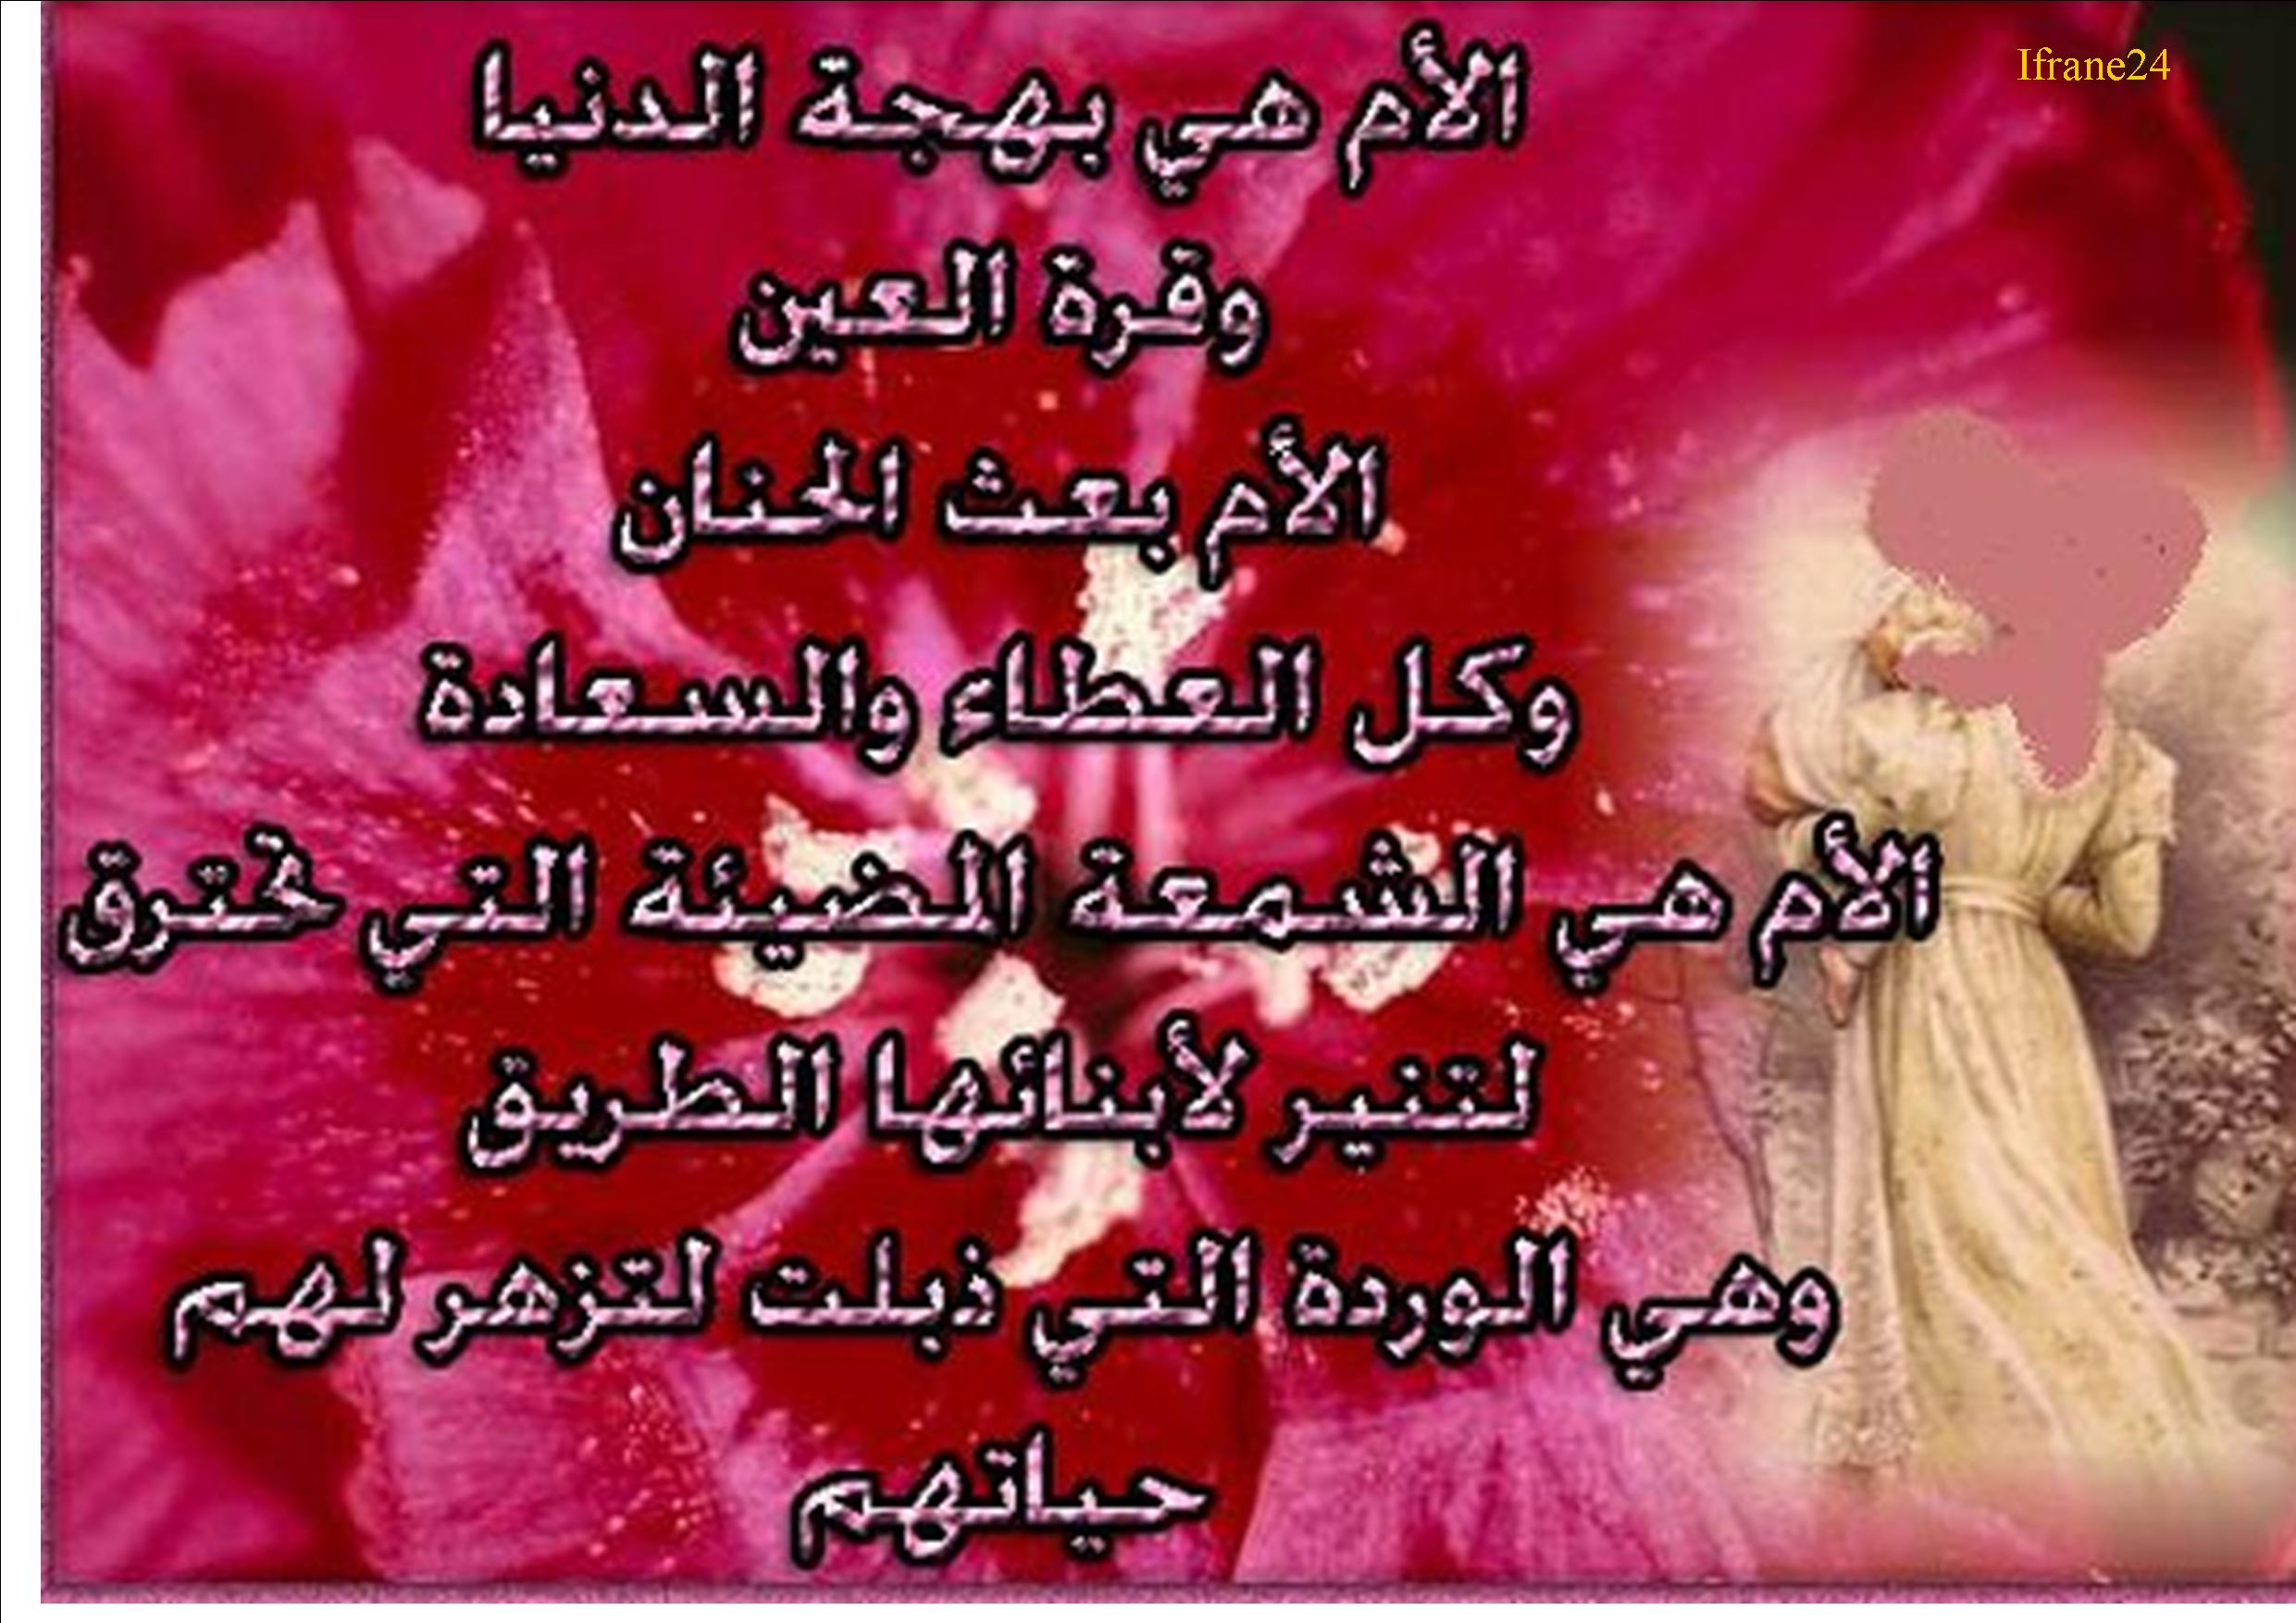 بالصور شعر عيد الام , كلام عن امى الحبيبه 6656